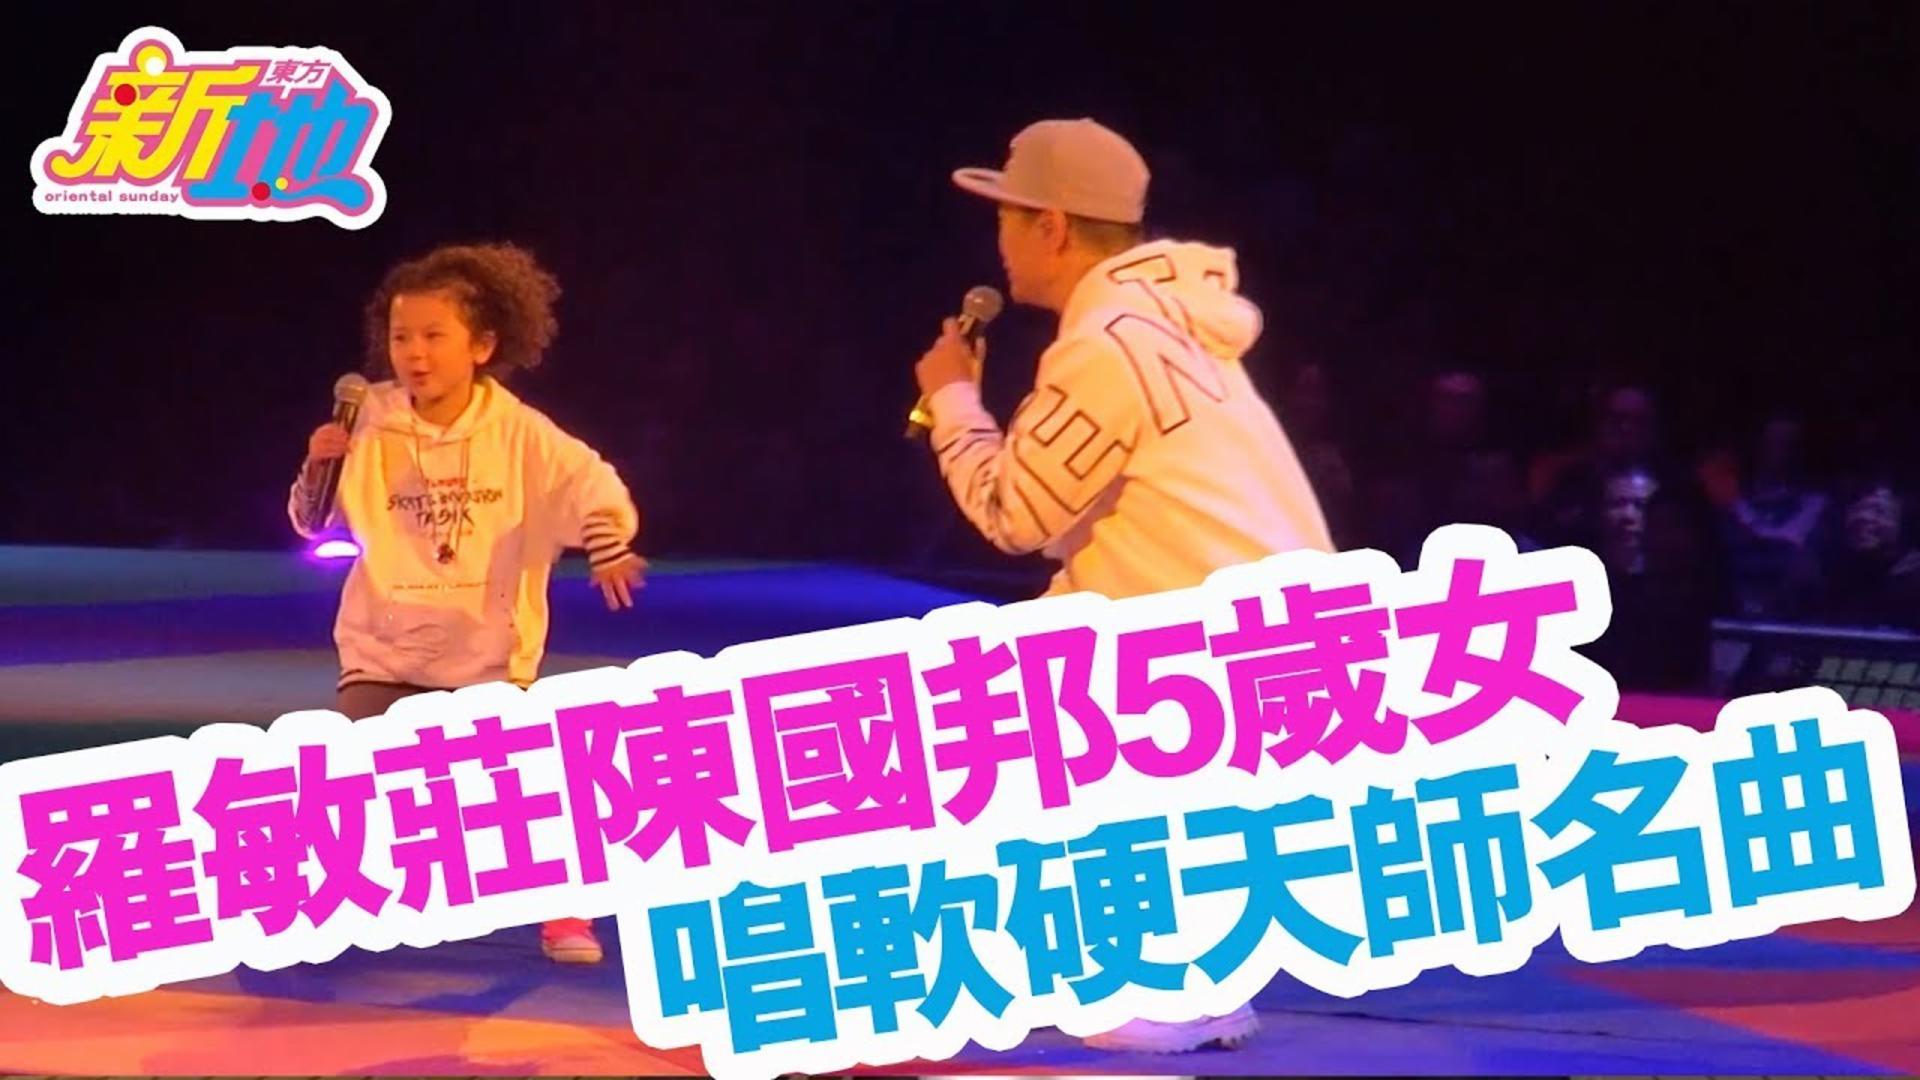 羅敏莊陳國邦5歲女 唱軟硬天師名曲【明星專訪】|東方新地